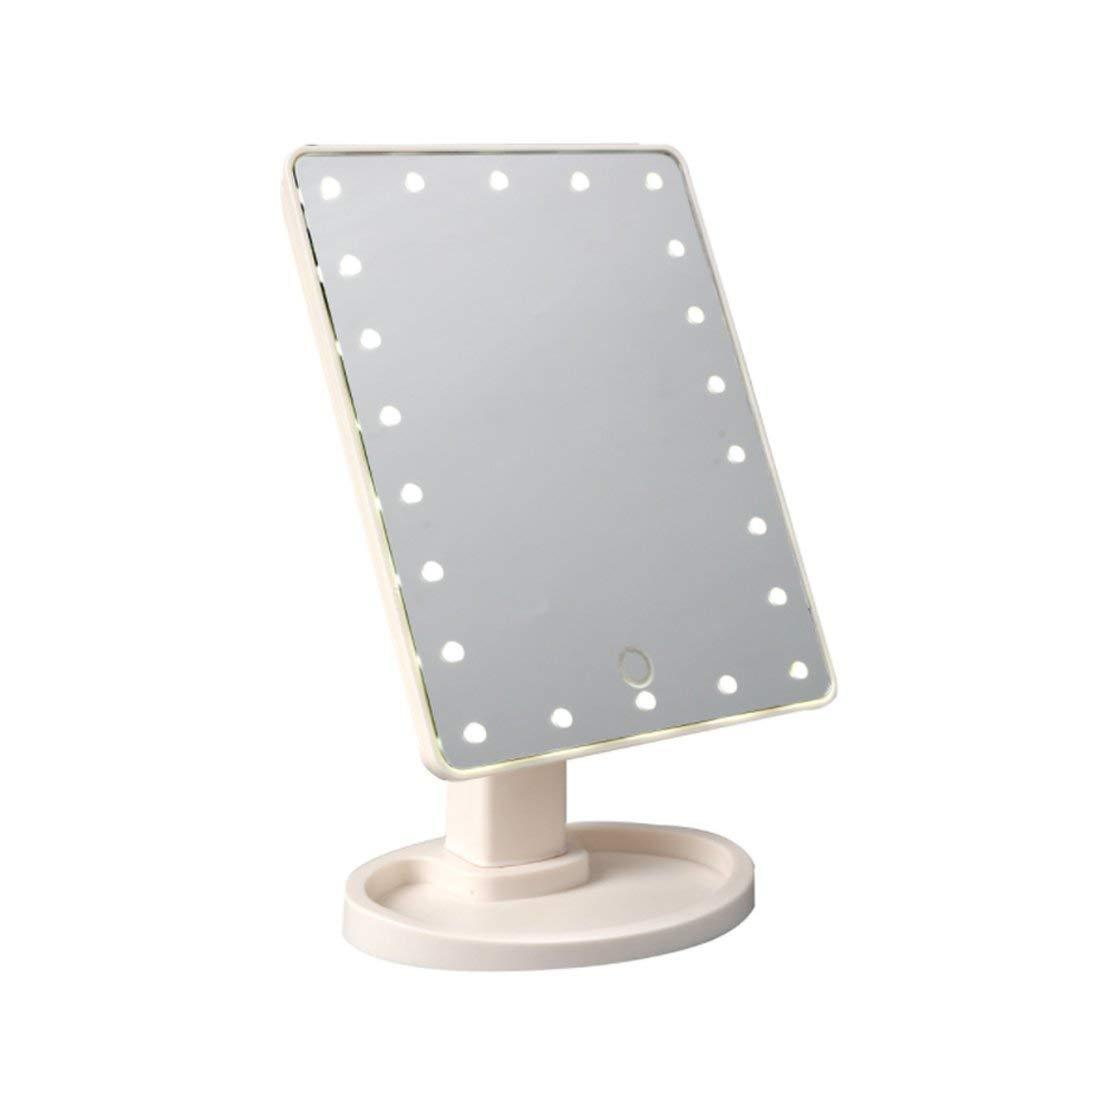 LouiseEvel215 Espejo de Maquillaje con luz LED Espejo de vanidad ...